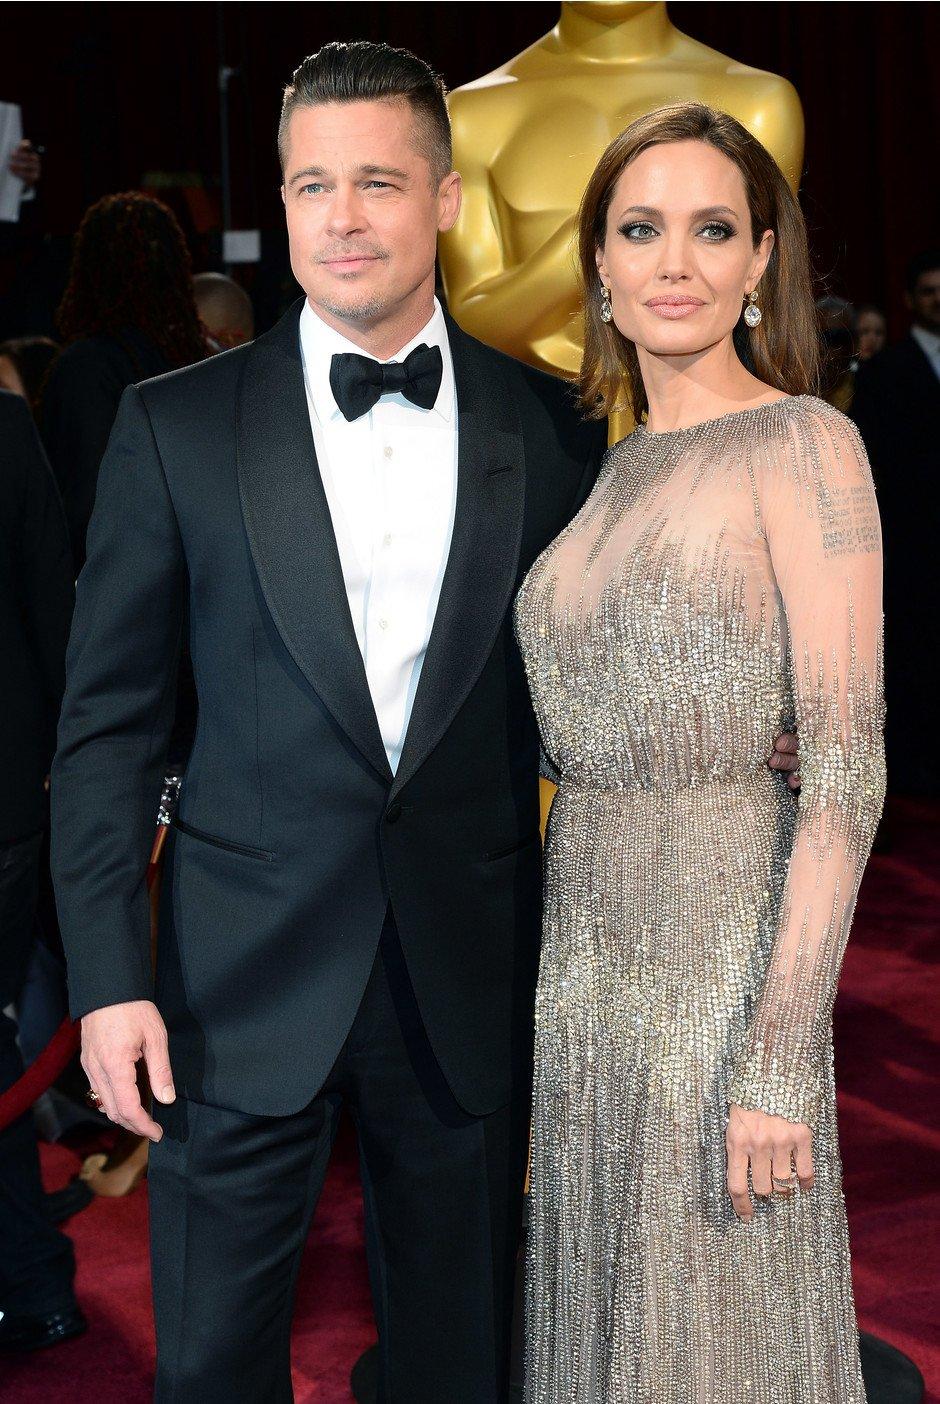 Брэд Питт сильно изменился из-за развода с Анджелиной Джоли